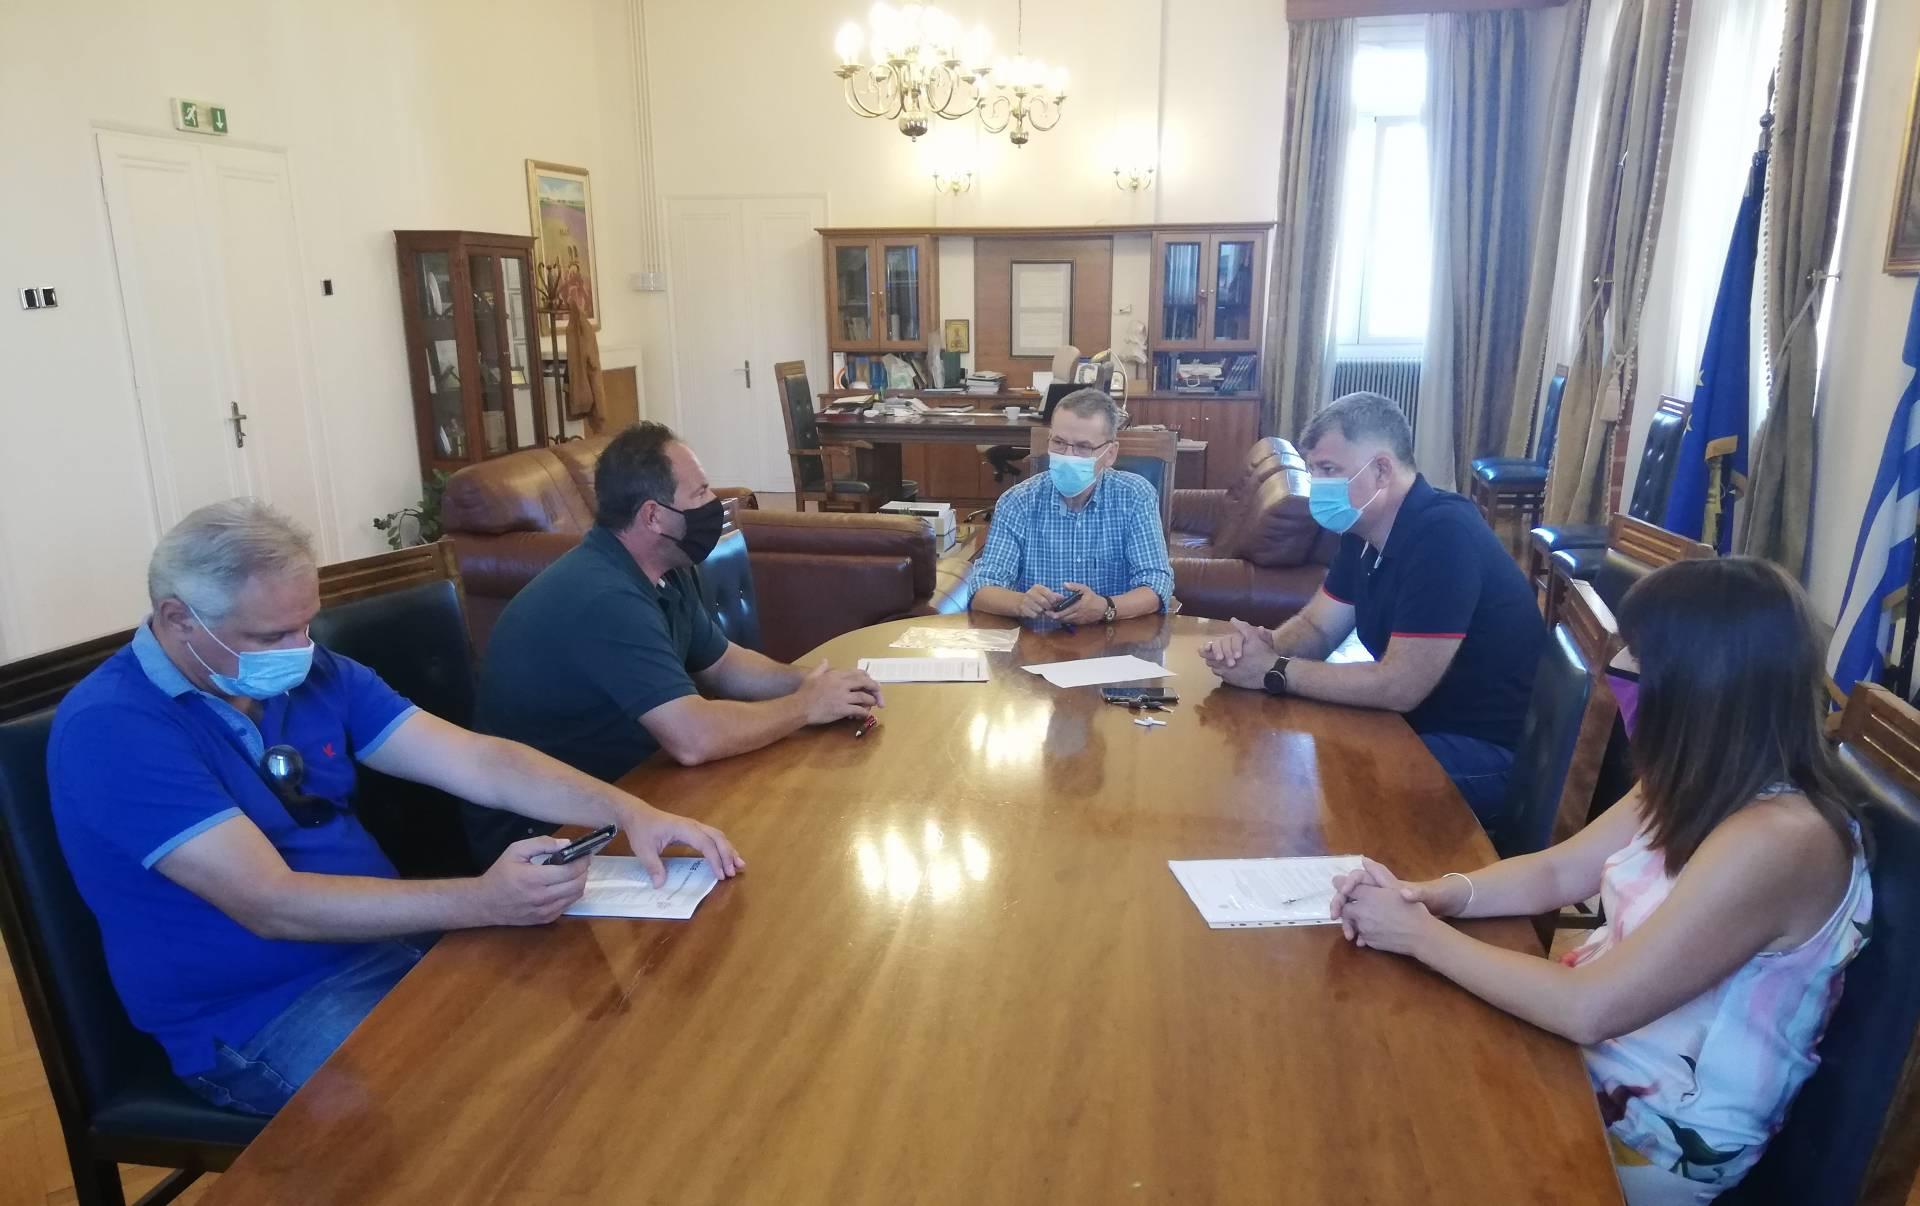 Δήμος Κοζάνης: Αποκαθίσταται ο δρόμος Χρωμίου – Ποντινής που είχε καταστραφεί από τις πλημμύρες του 2016-Υπεγράφη η σύμβαση του έργου